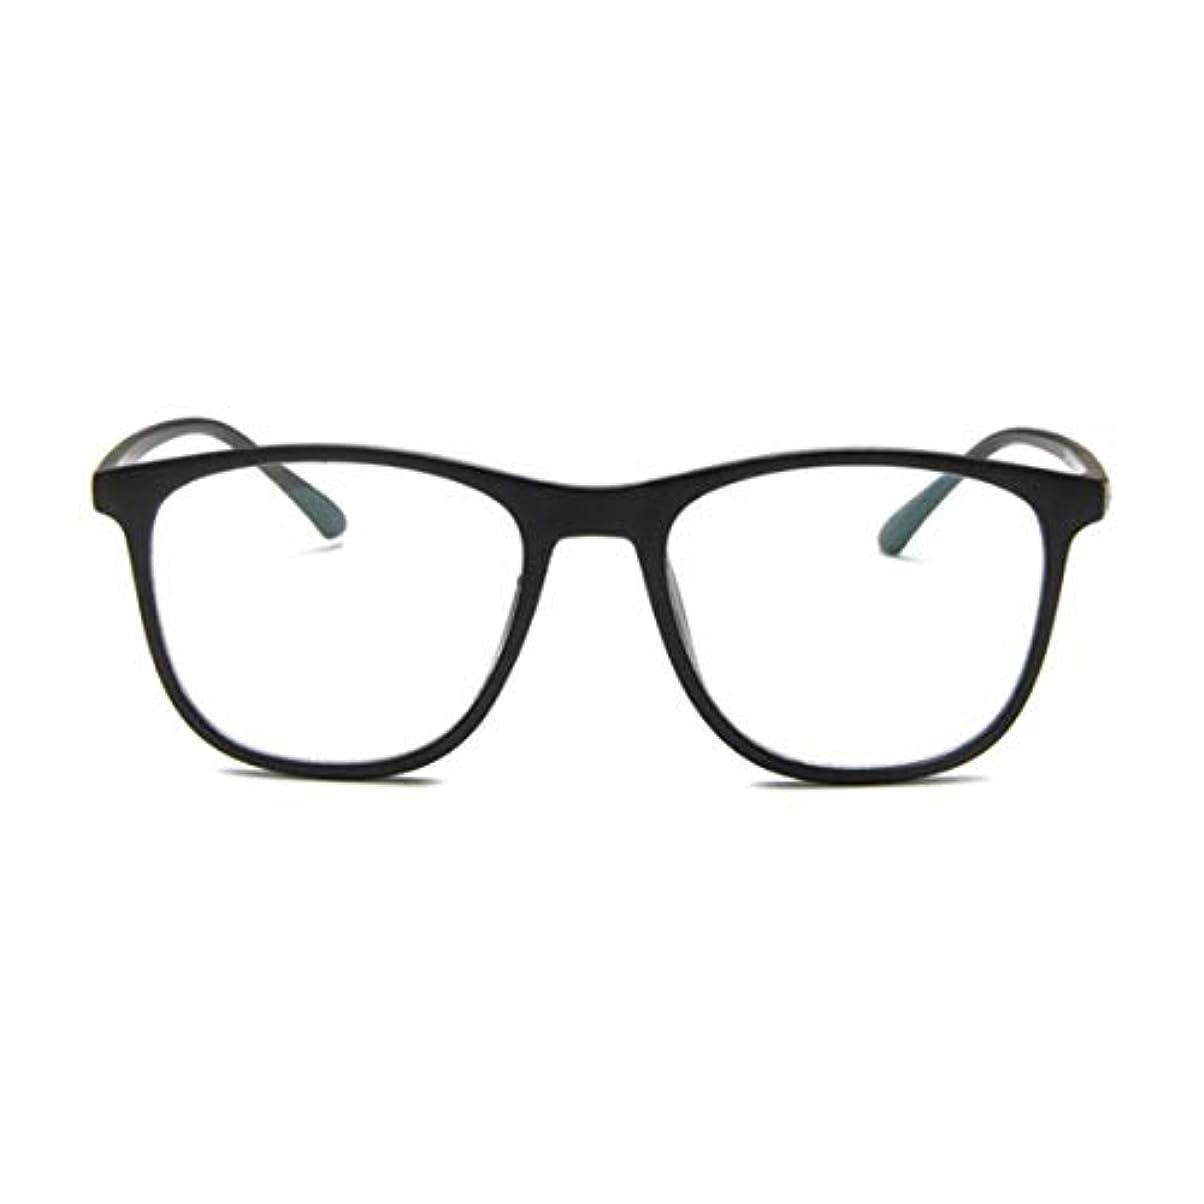 改善するストレスの多い作成者韓国の学生のプレーンメガネの男性と女性のファッションメガネフレーム近視メガネフレームファッショナブルなシンプルなメガネ-マットブラック